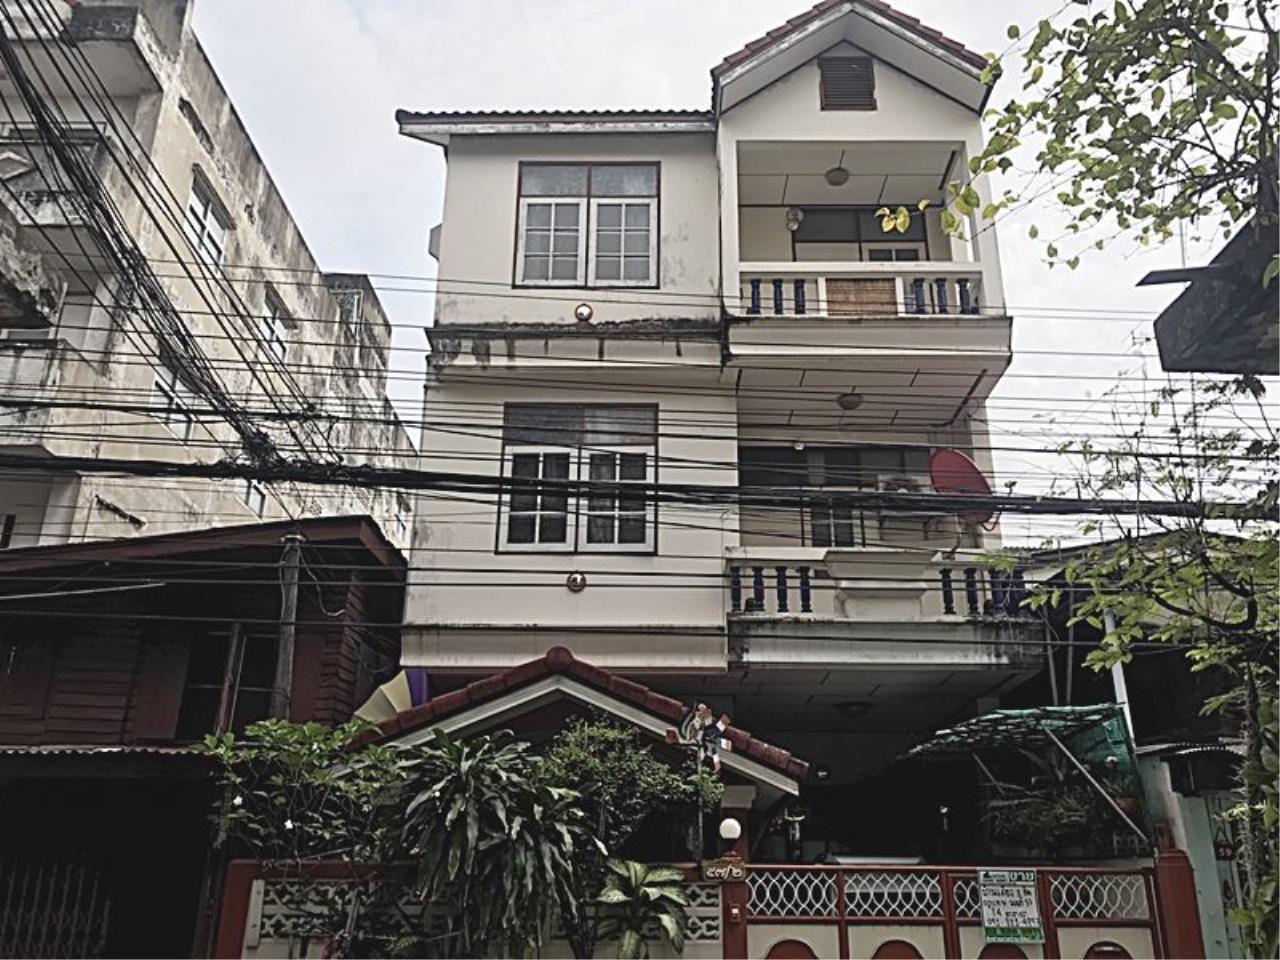 ขาย บ้าน แขวงบางซื่อ เขตบางซื่อ กรุงเทพมหานคร, ภาพที่ 1